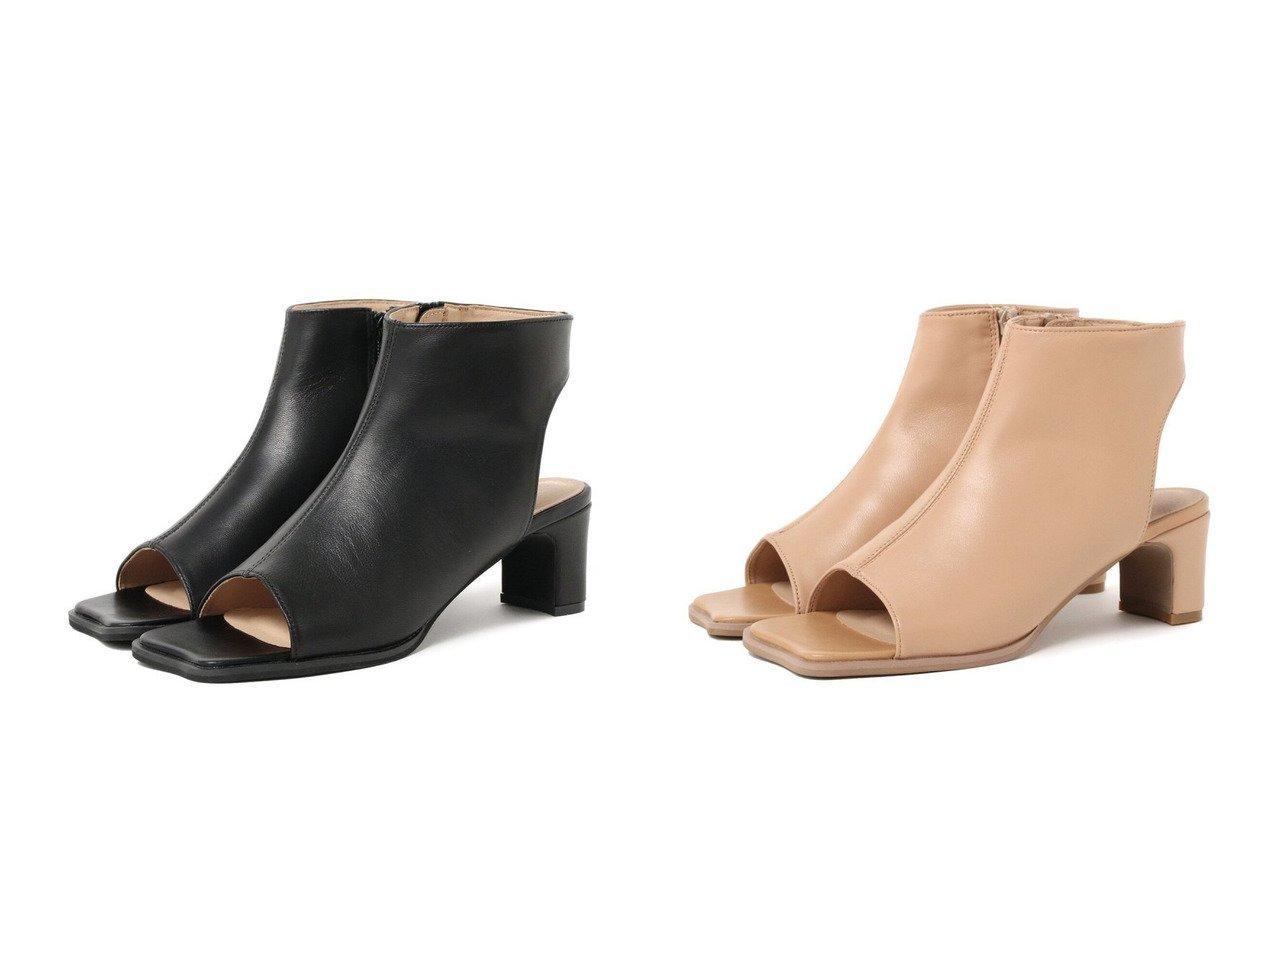 【Ray BEAMS/レイ ビームス】のブーツ サンダル 【シューズ・靴】おすすめ!人気、トレンド・レディースファッションの通販   おすすめで人気の流行・トレンド、ファッションの通販商品 メンズファッション・キッズファッション・インテリア・家具・レディースファッション・服の通販 founy(ファニー) https://founy.com/ ファッション Fashion レディースファッション WOMEN NEW・新作・新着・新入荷 New Arrivals クール サンダル シューズ ミュール |ID:crp329100000026887